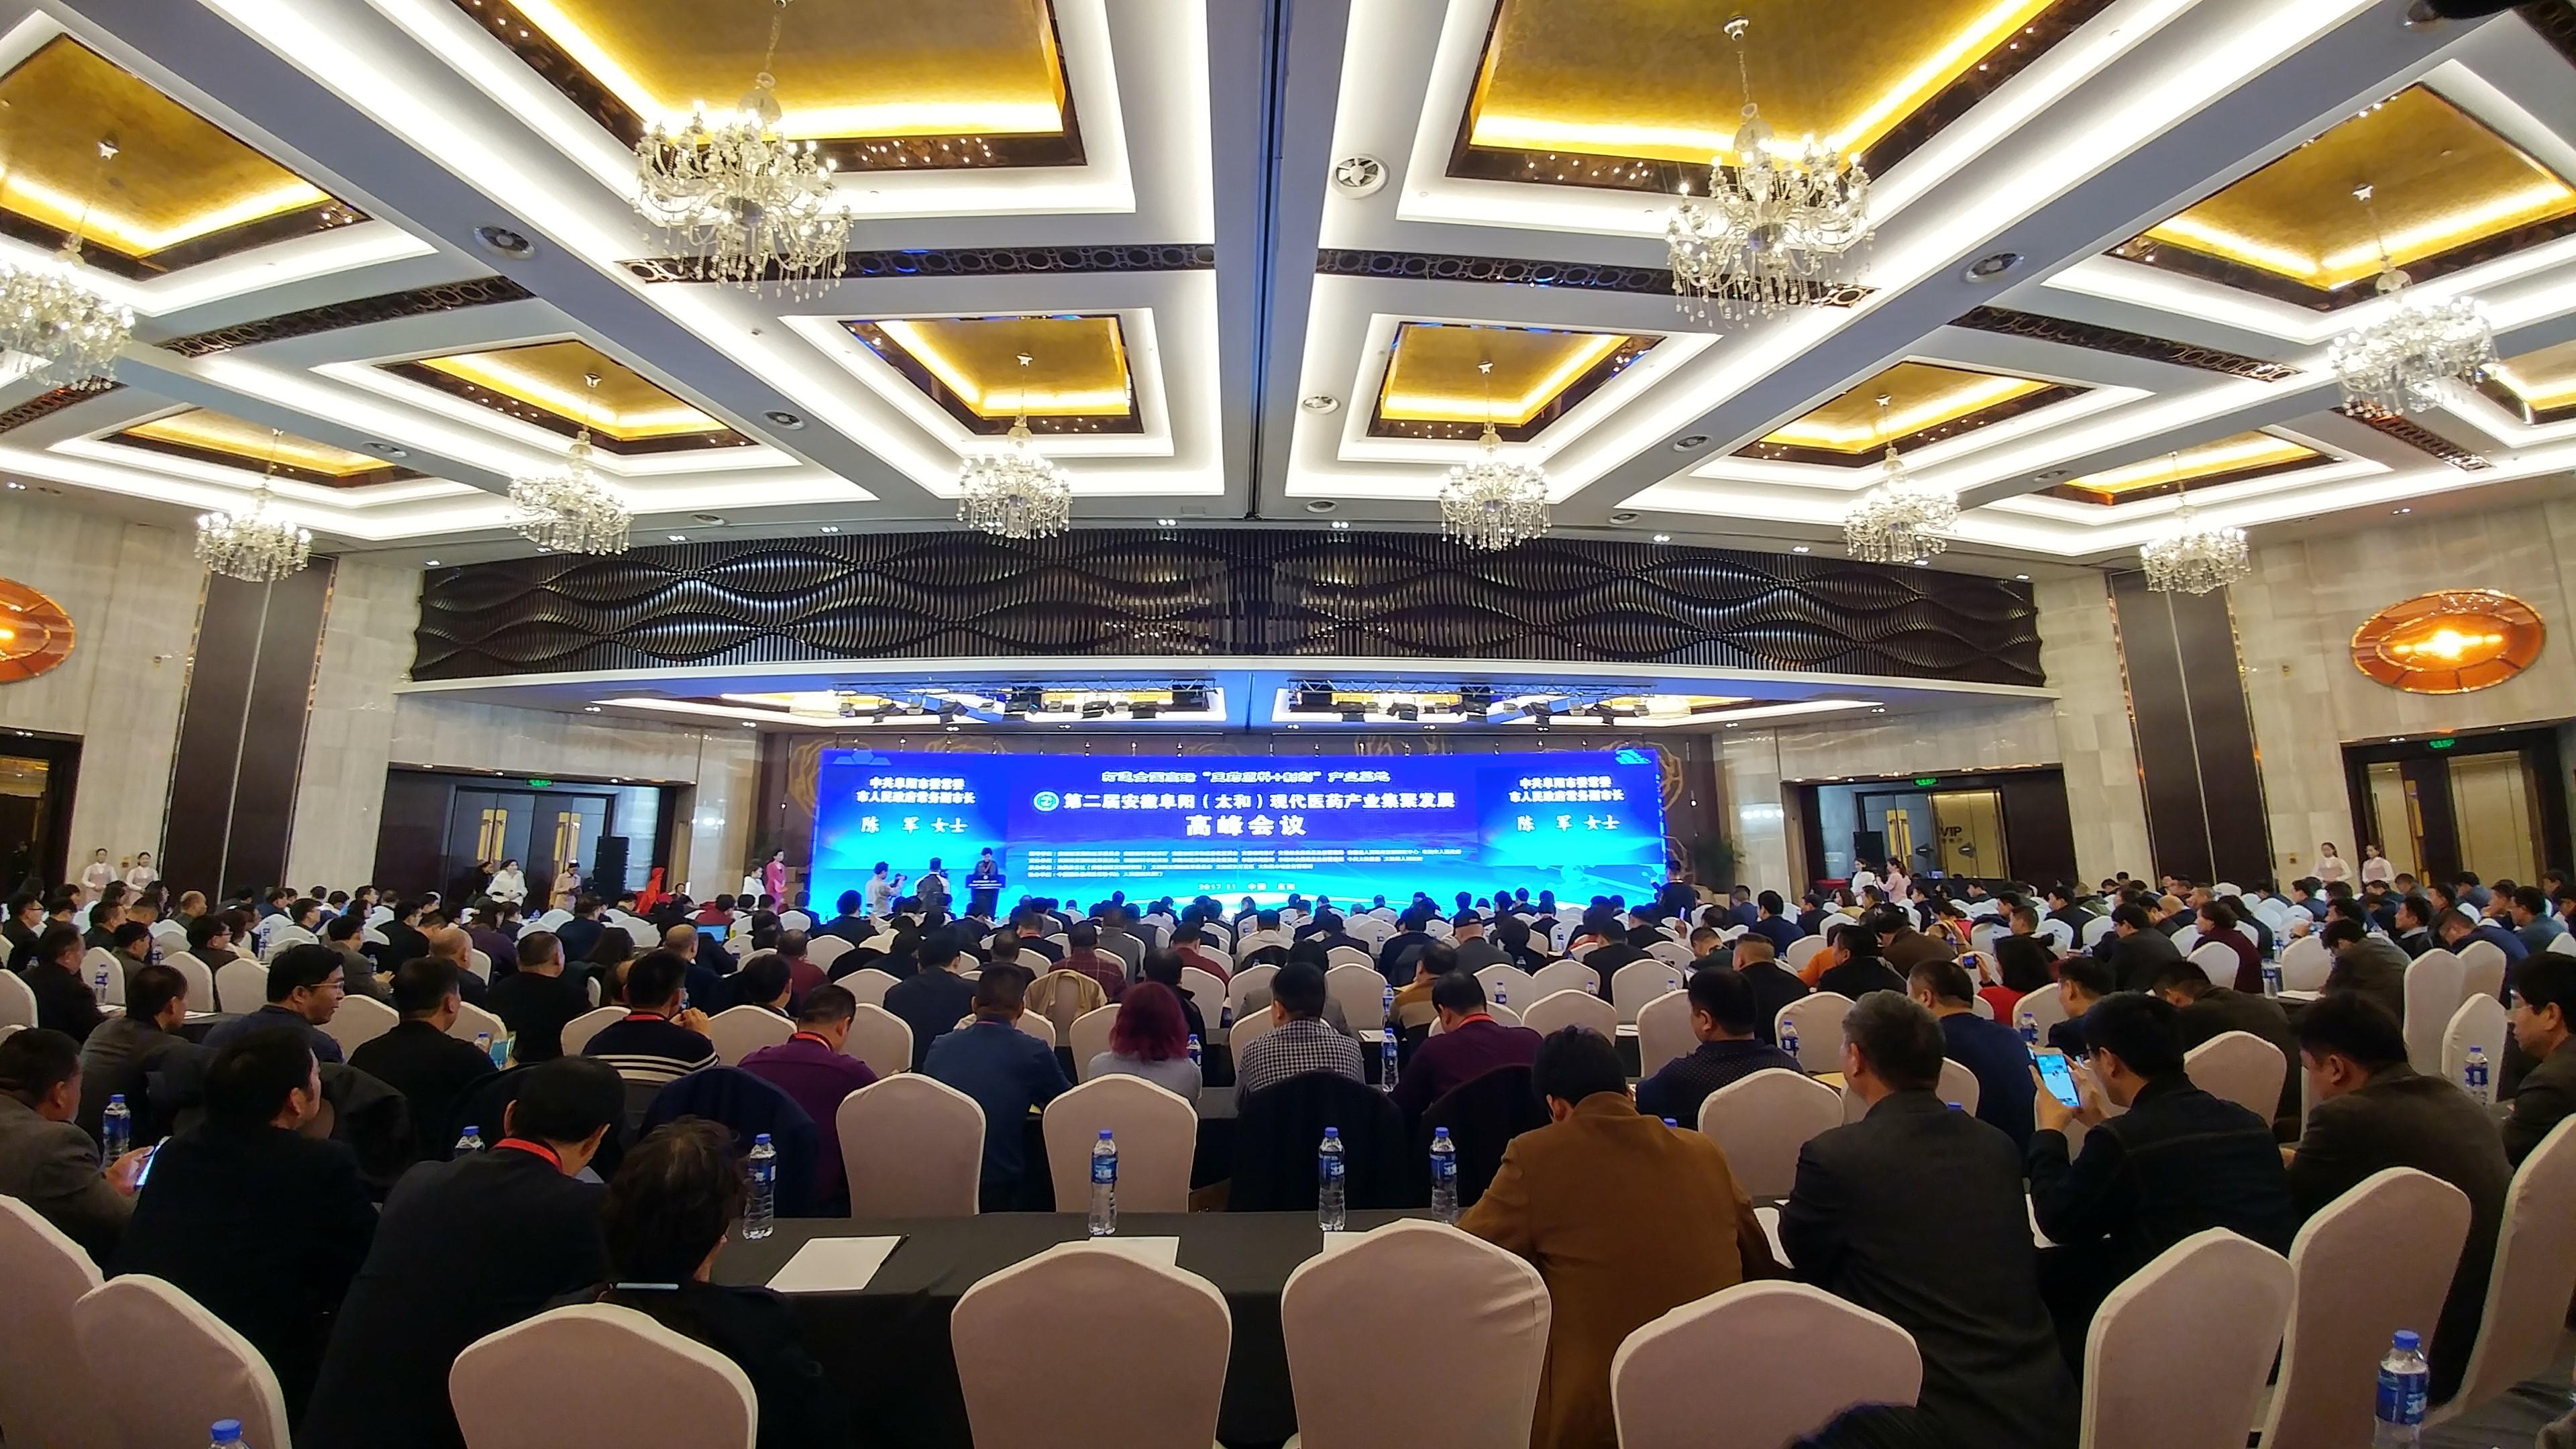 第二届安徽阜阳(太和)现代医药产业集聚发展高峰会议在安徽阜阳胜利召开!